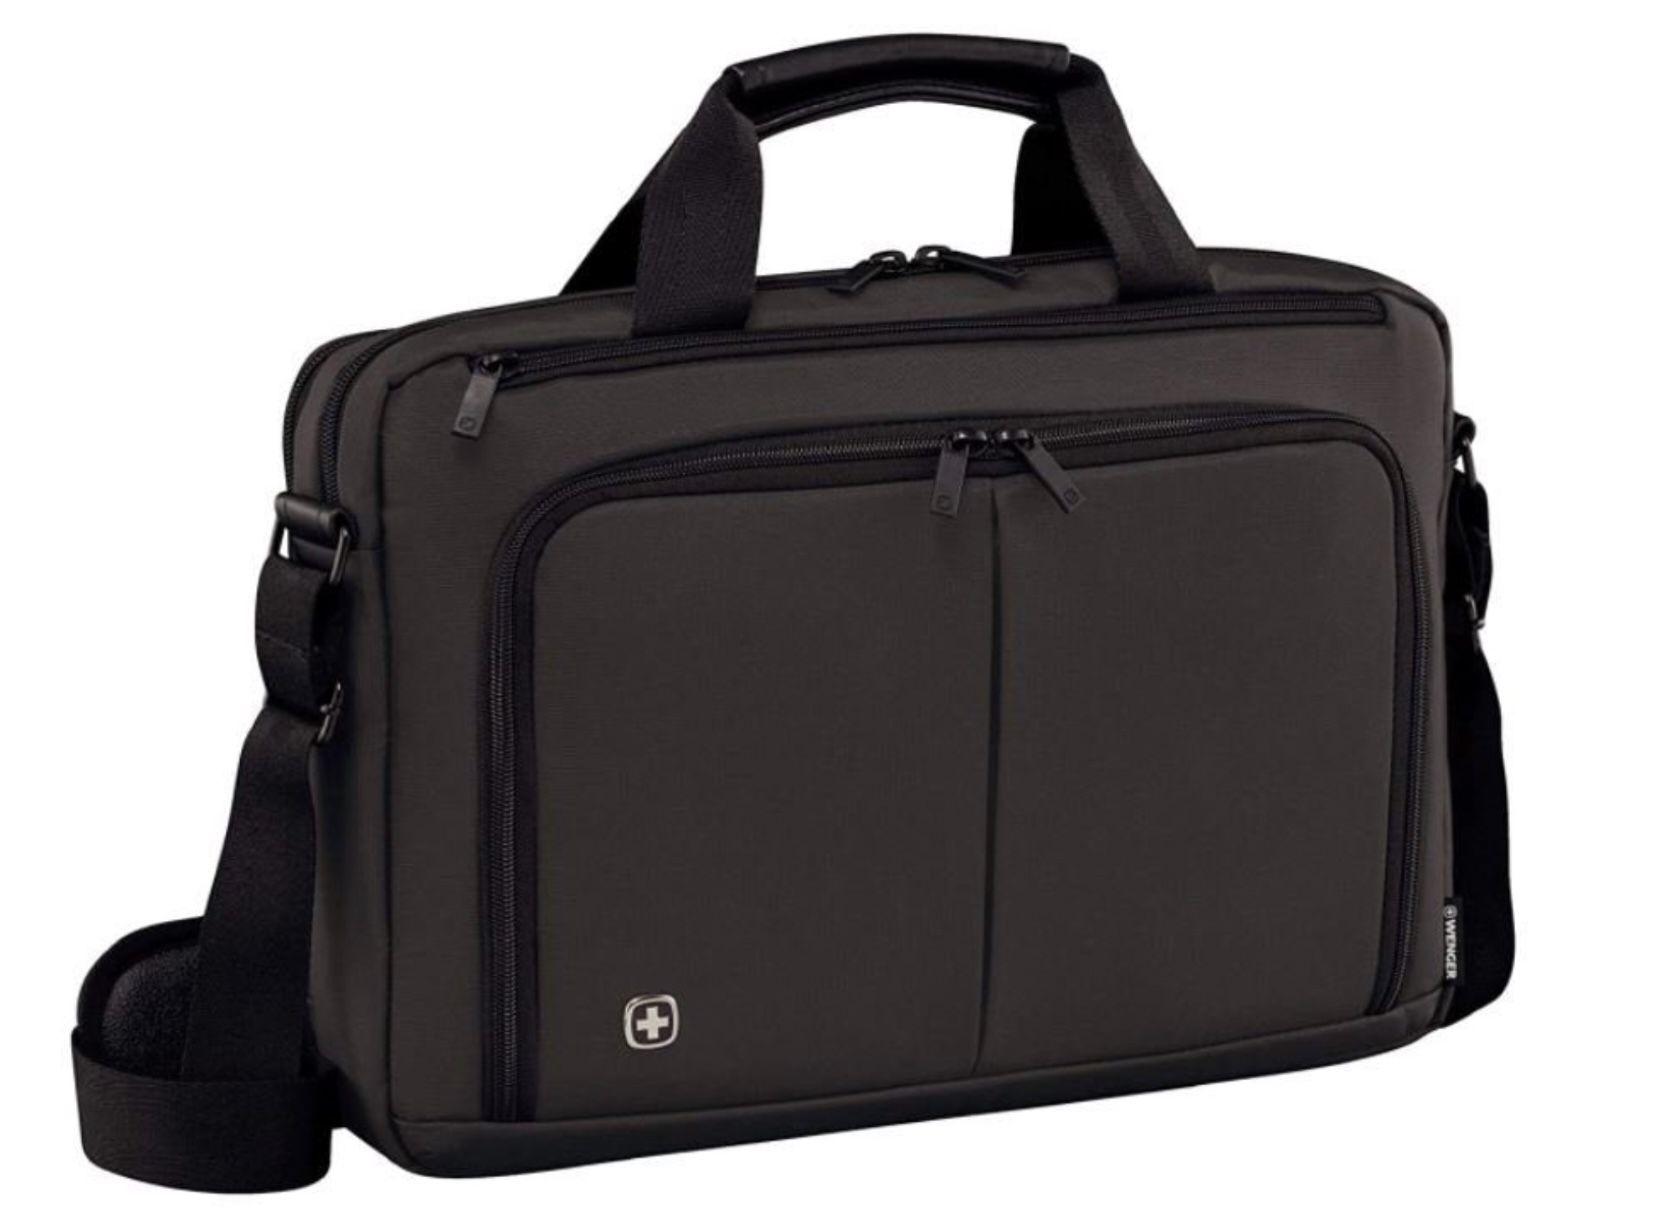 Wenger 601067 Source 15.6 Laptop Aktentasche für 28€ (statt 46€)